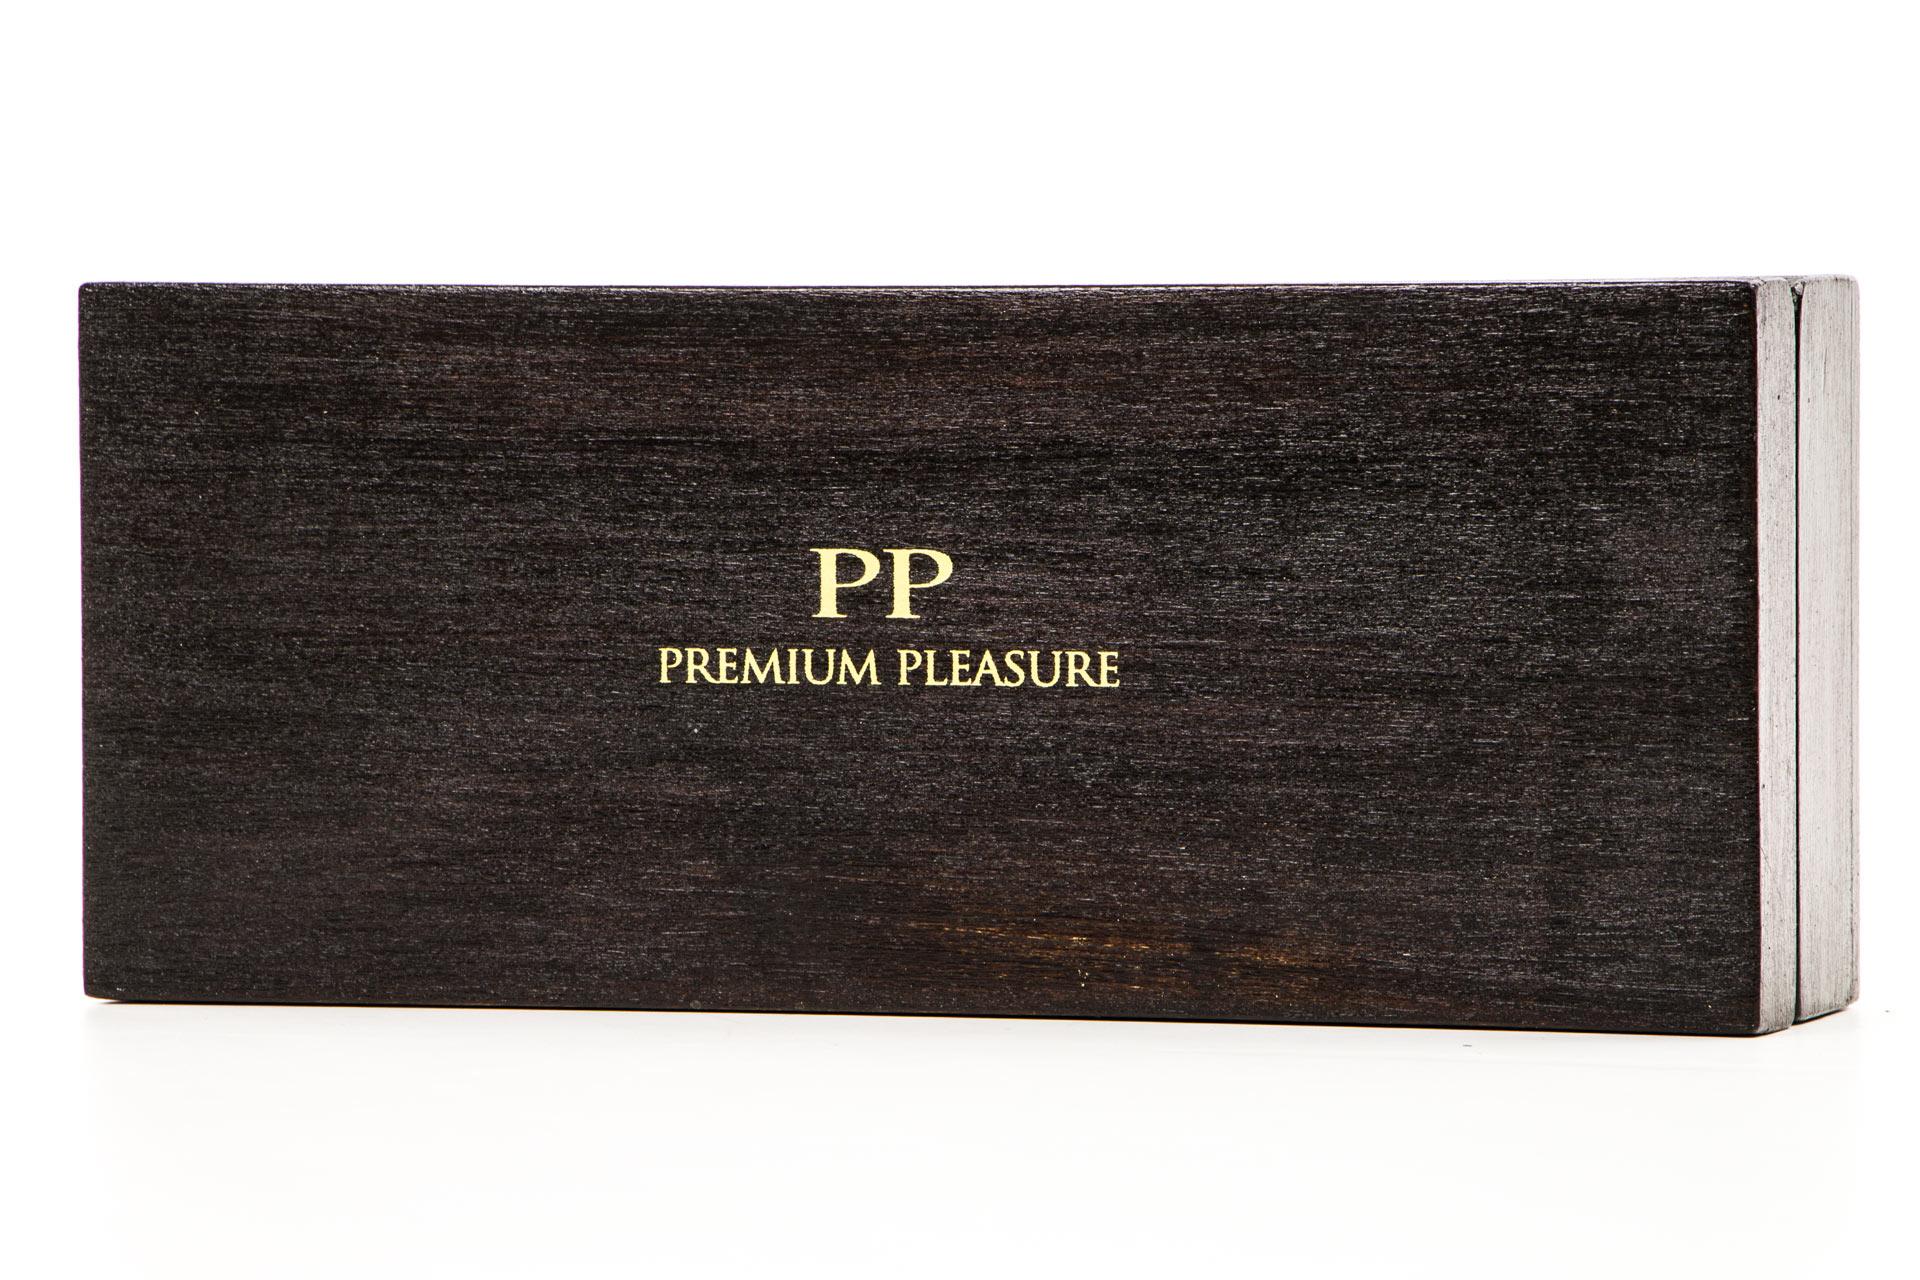 Premium Pleasure